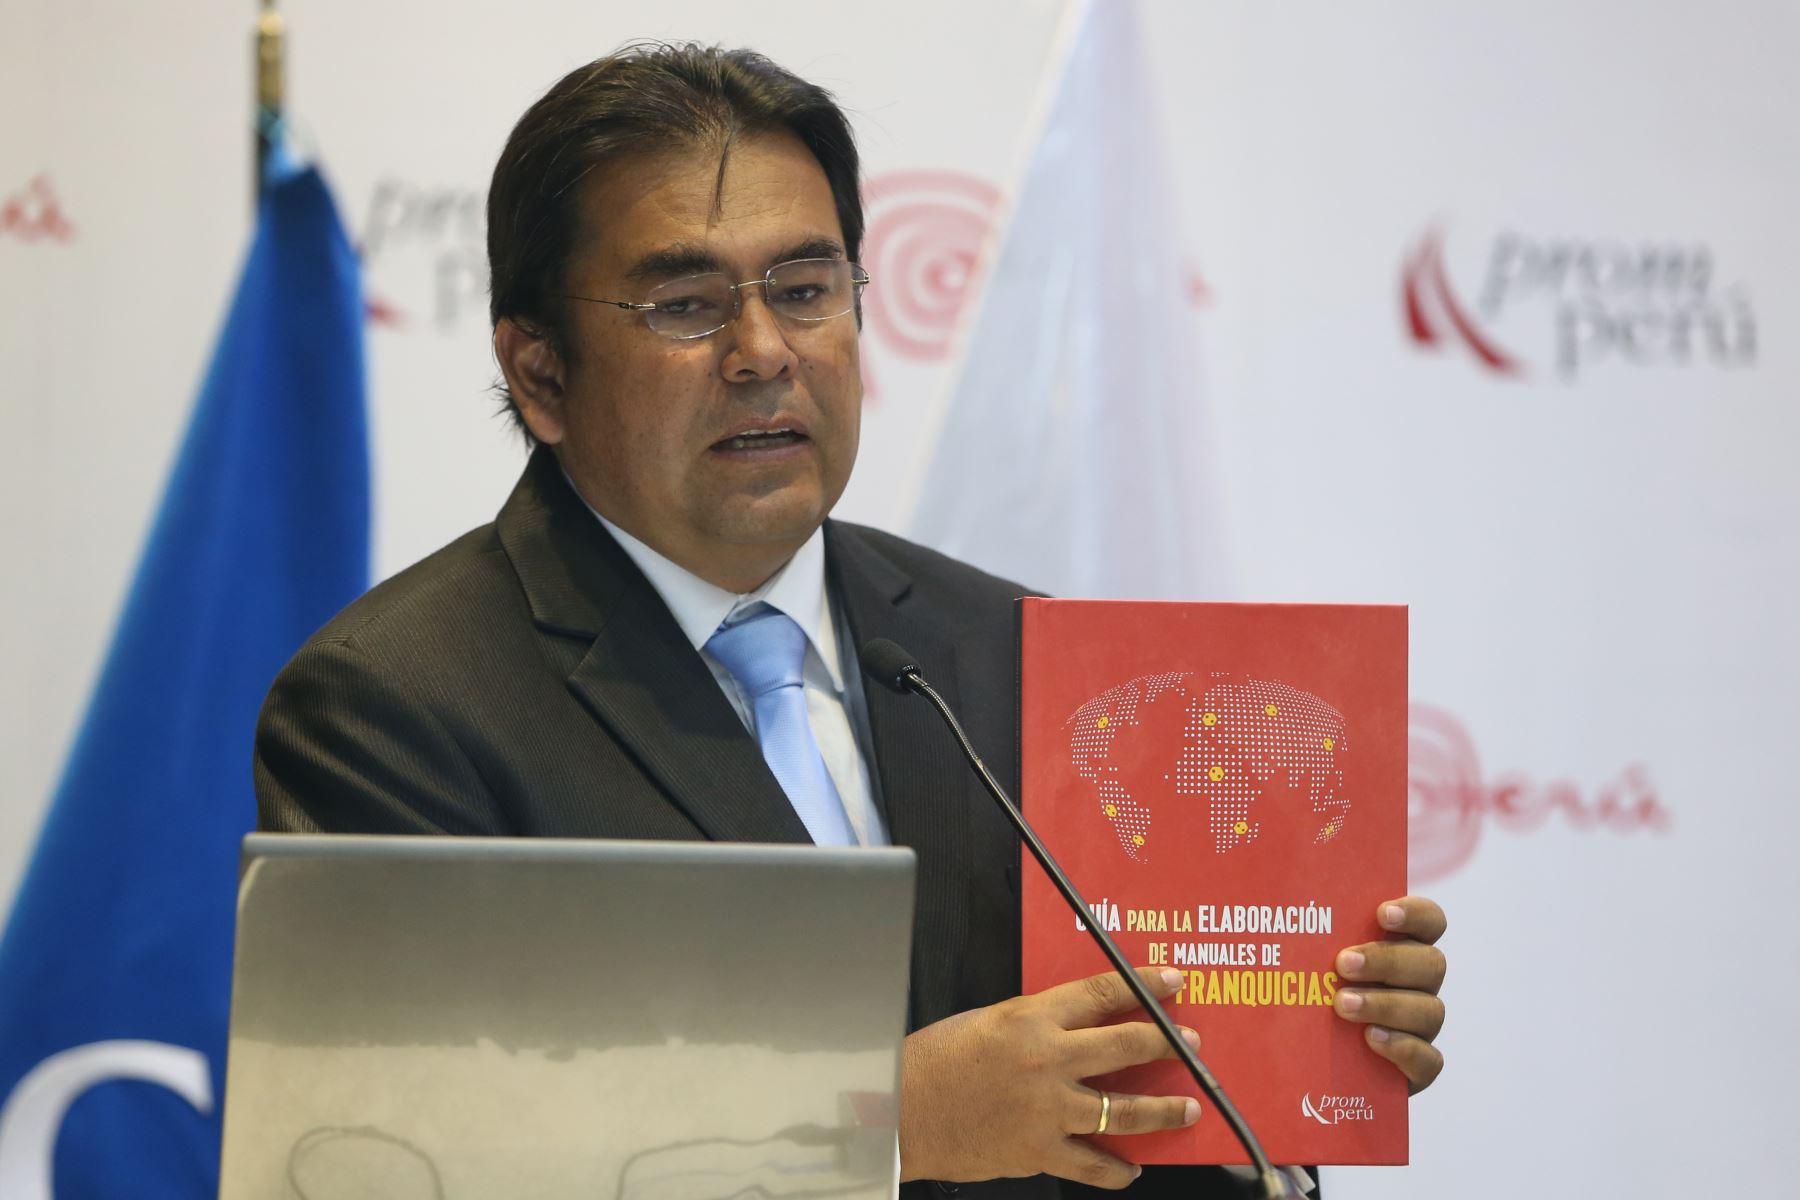 PROMPERÚ: PERÚ PLANEA FORTALECER LA EXPORTACIÓN DE SERVICIOS Y ESPERA SUPERAR LOS US$ 6,760 MILLONES